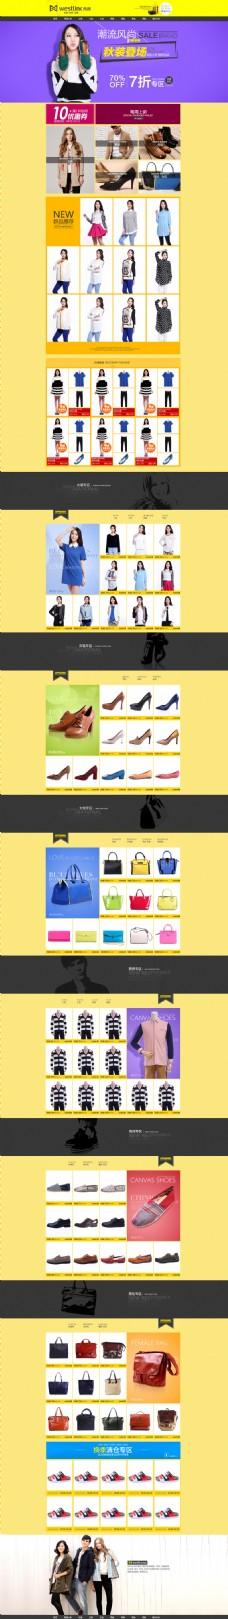 天猫淘宝服装鞋子包包首页PSD 原创